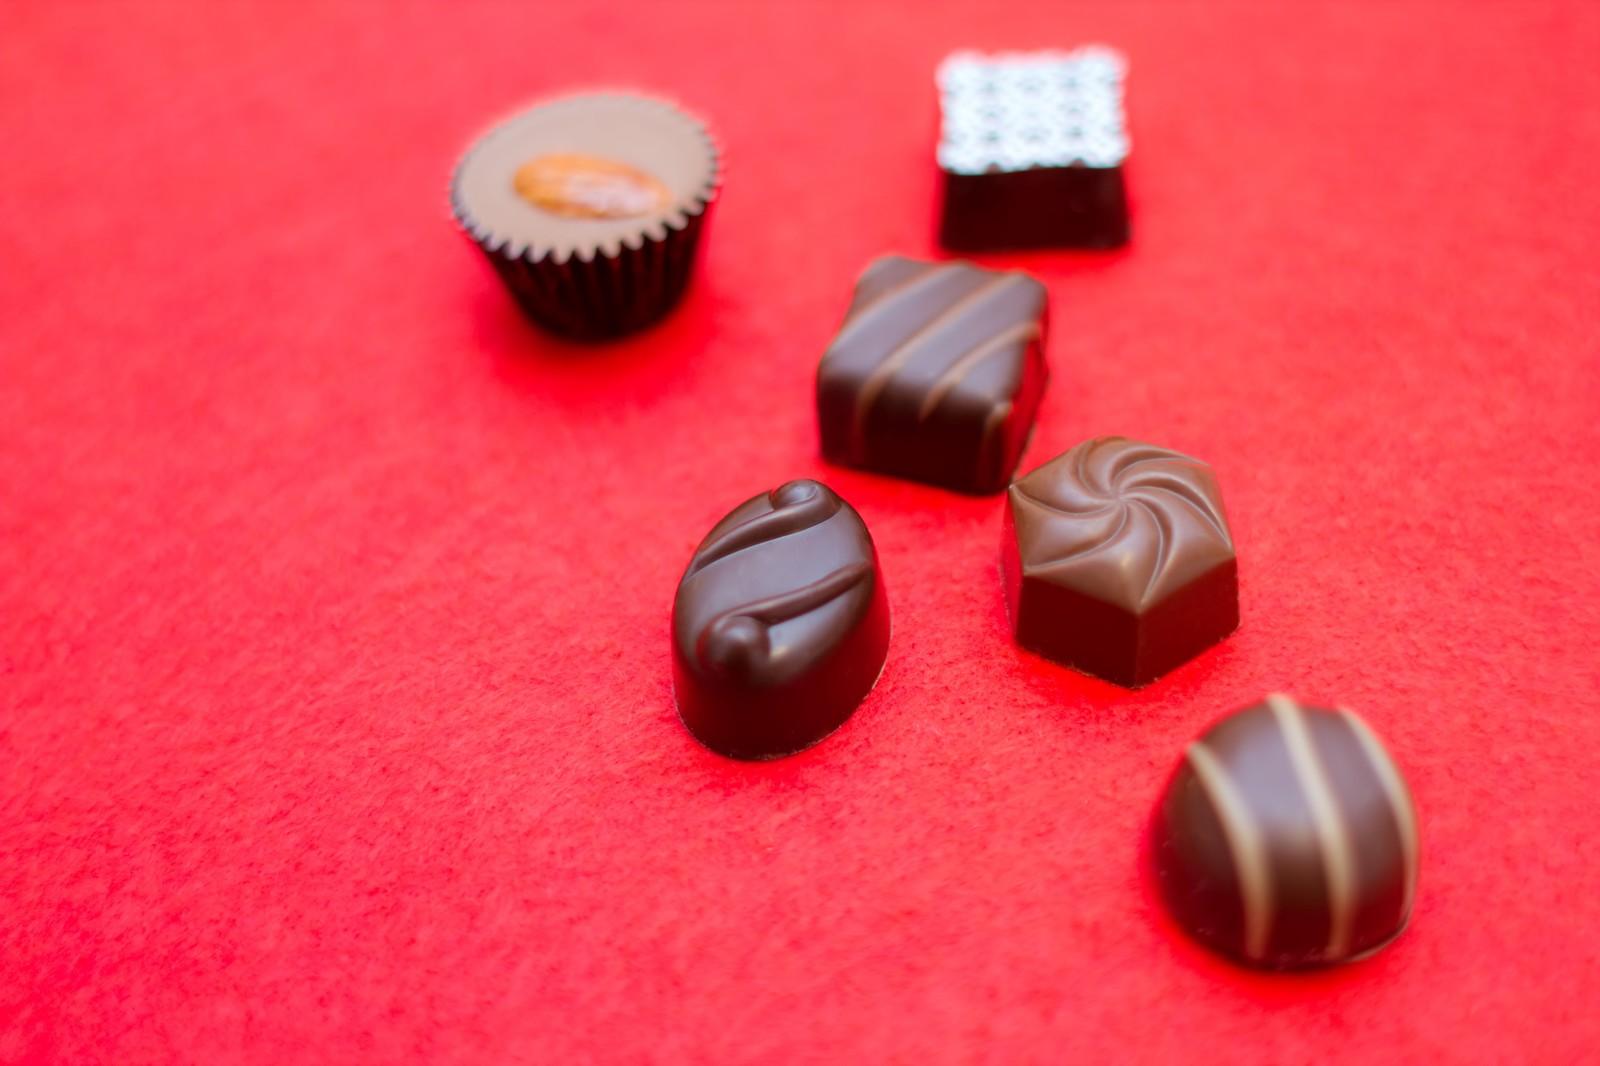 バレンタインに義理父にはチョコやプレゼントをあげる?チョコ以外のおすすめや予算を紹介